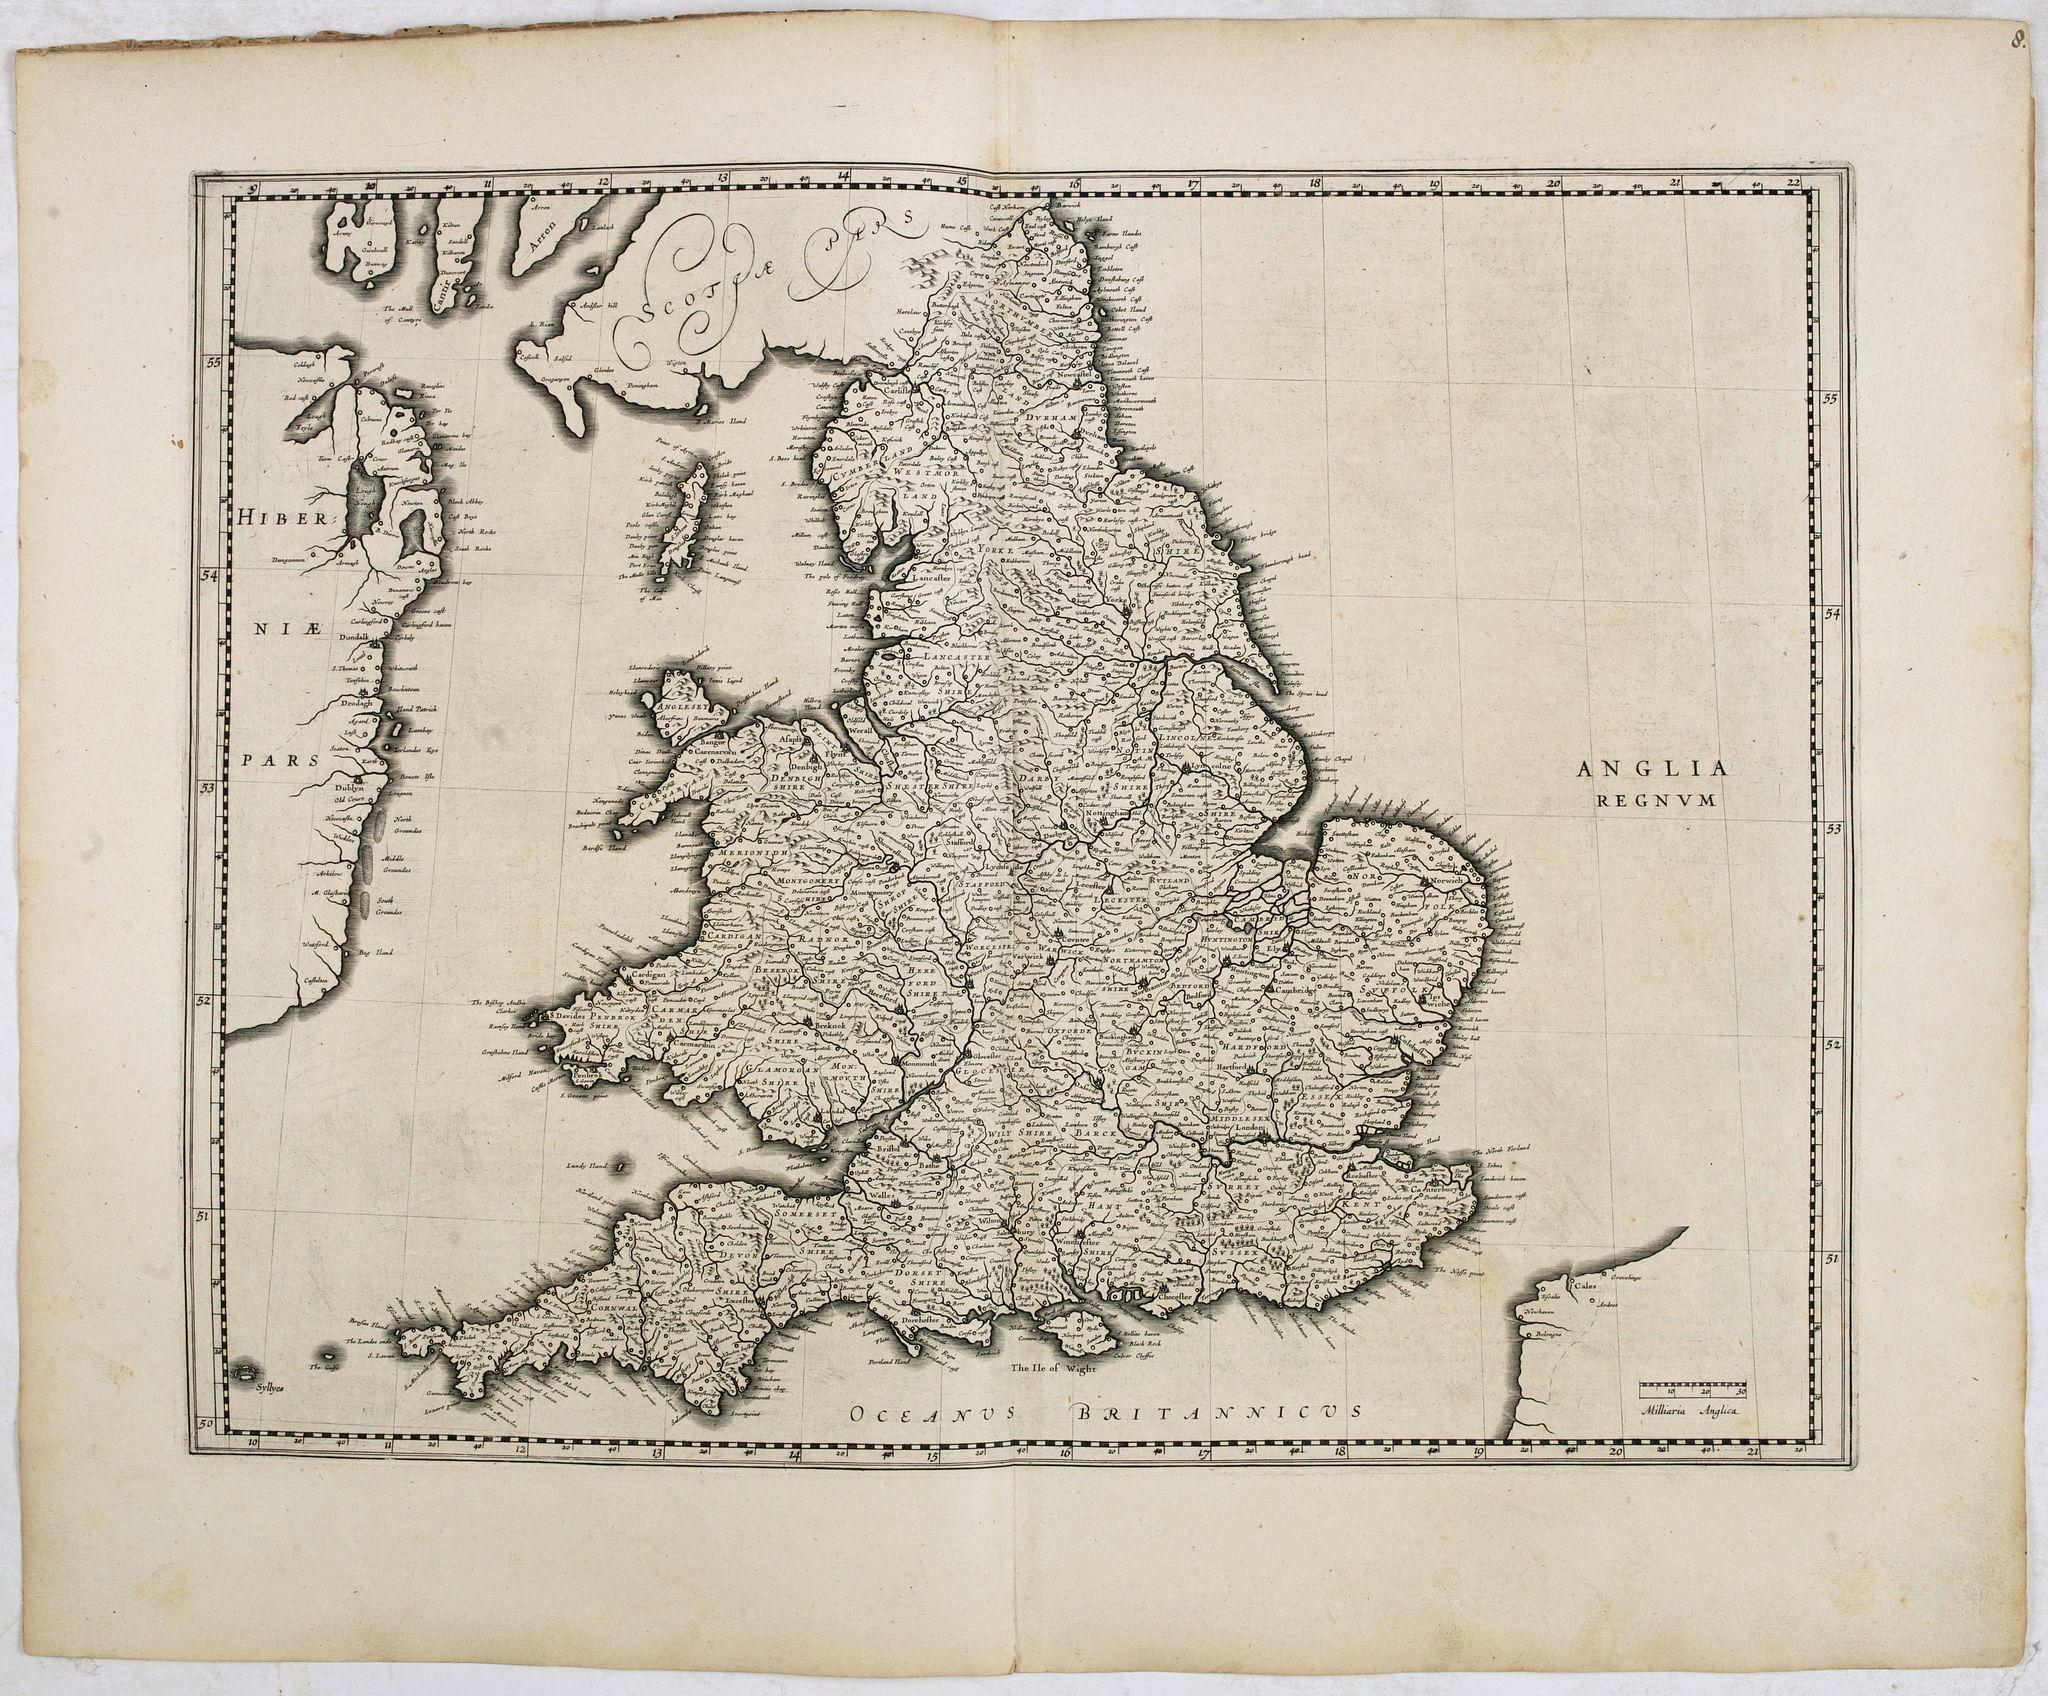 BLAEU, W. -  Anglia Regnum.